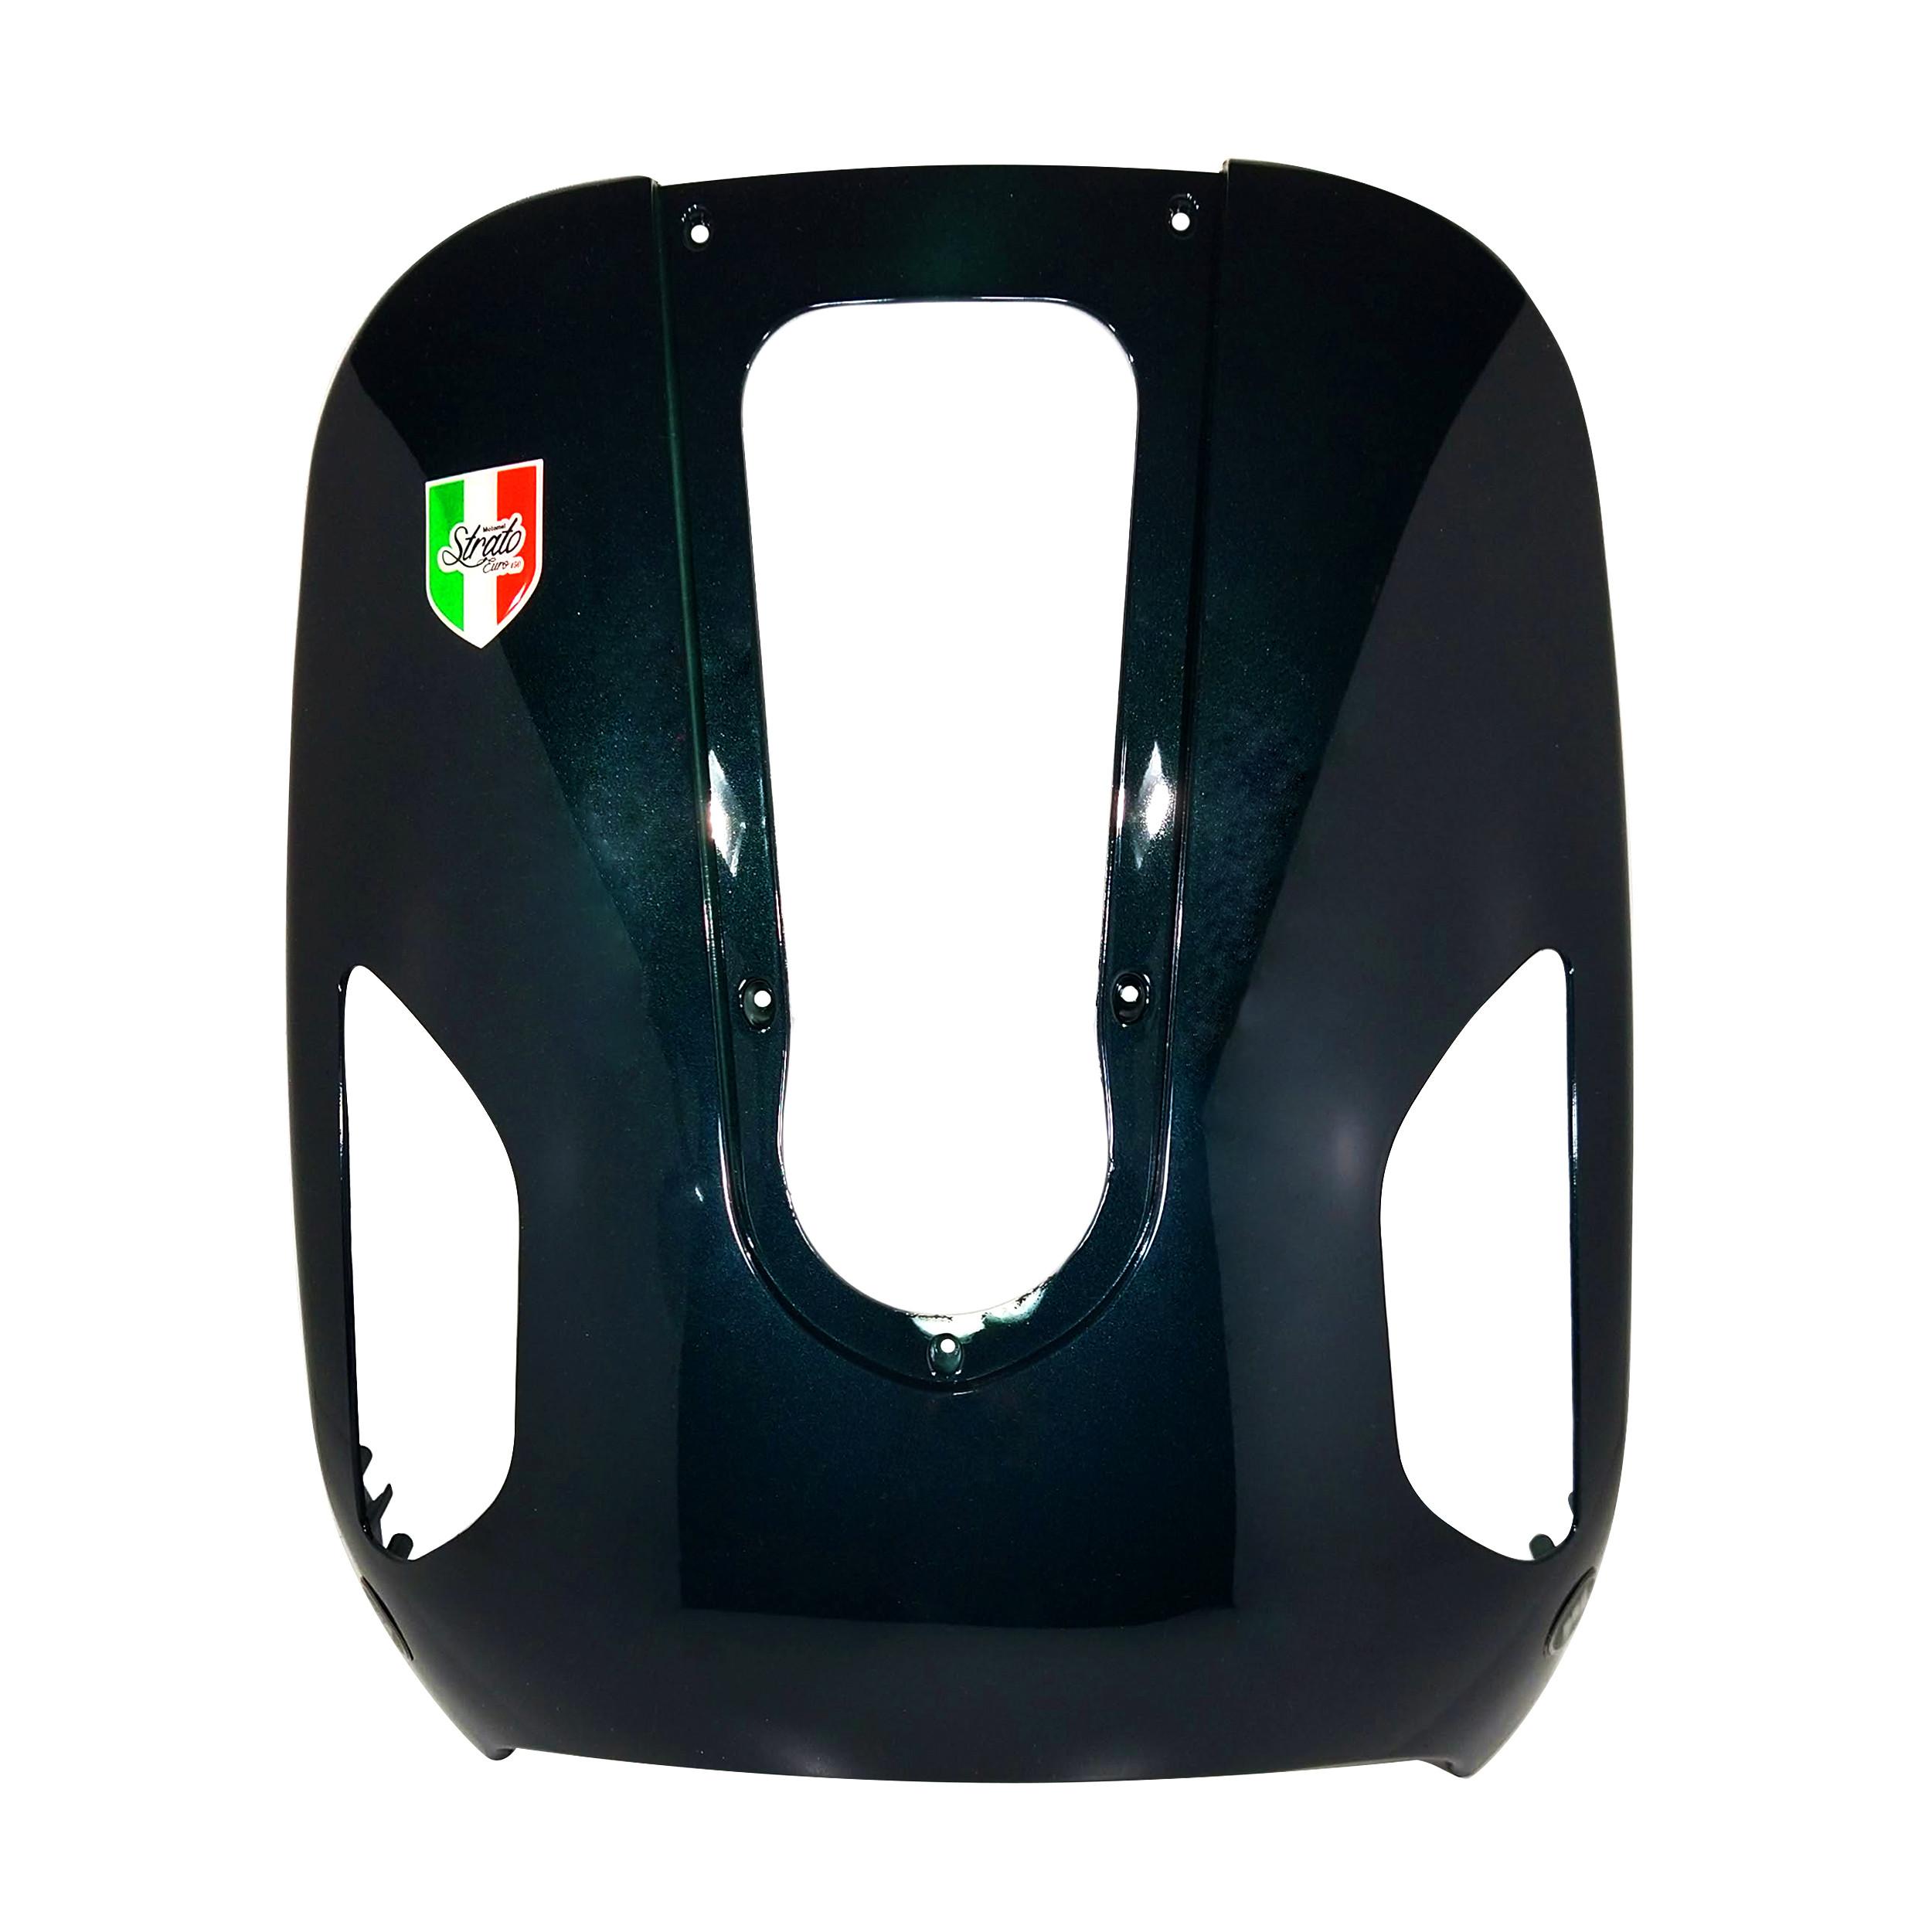 Cacha Frente Verde Motomel Strato Euro Original